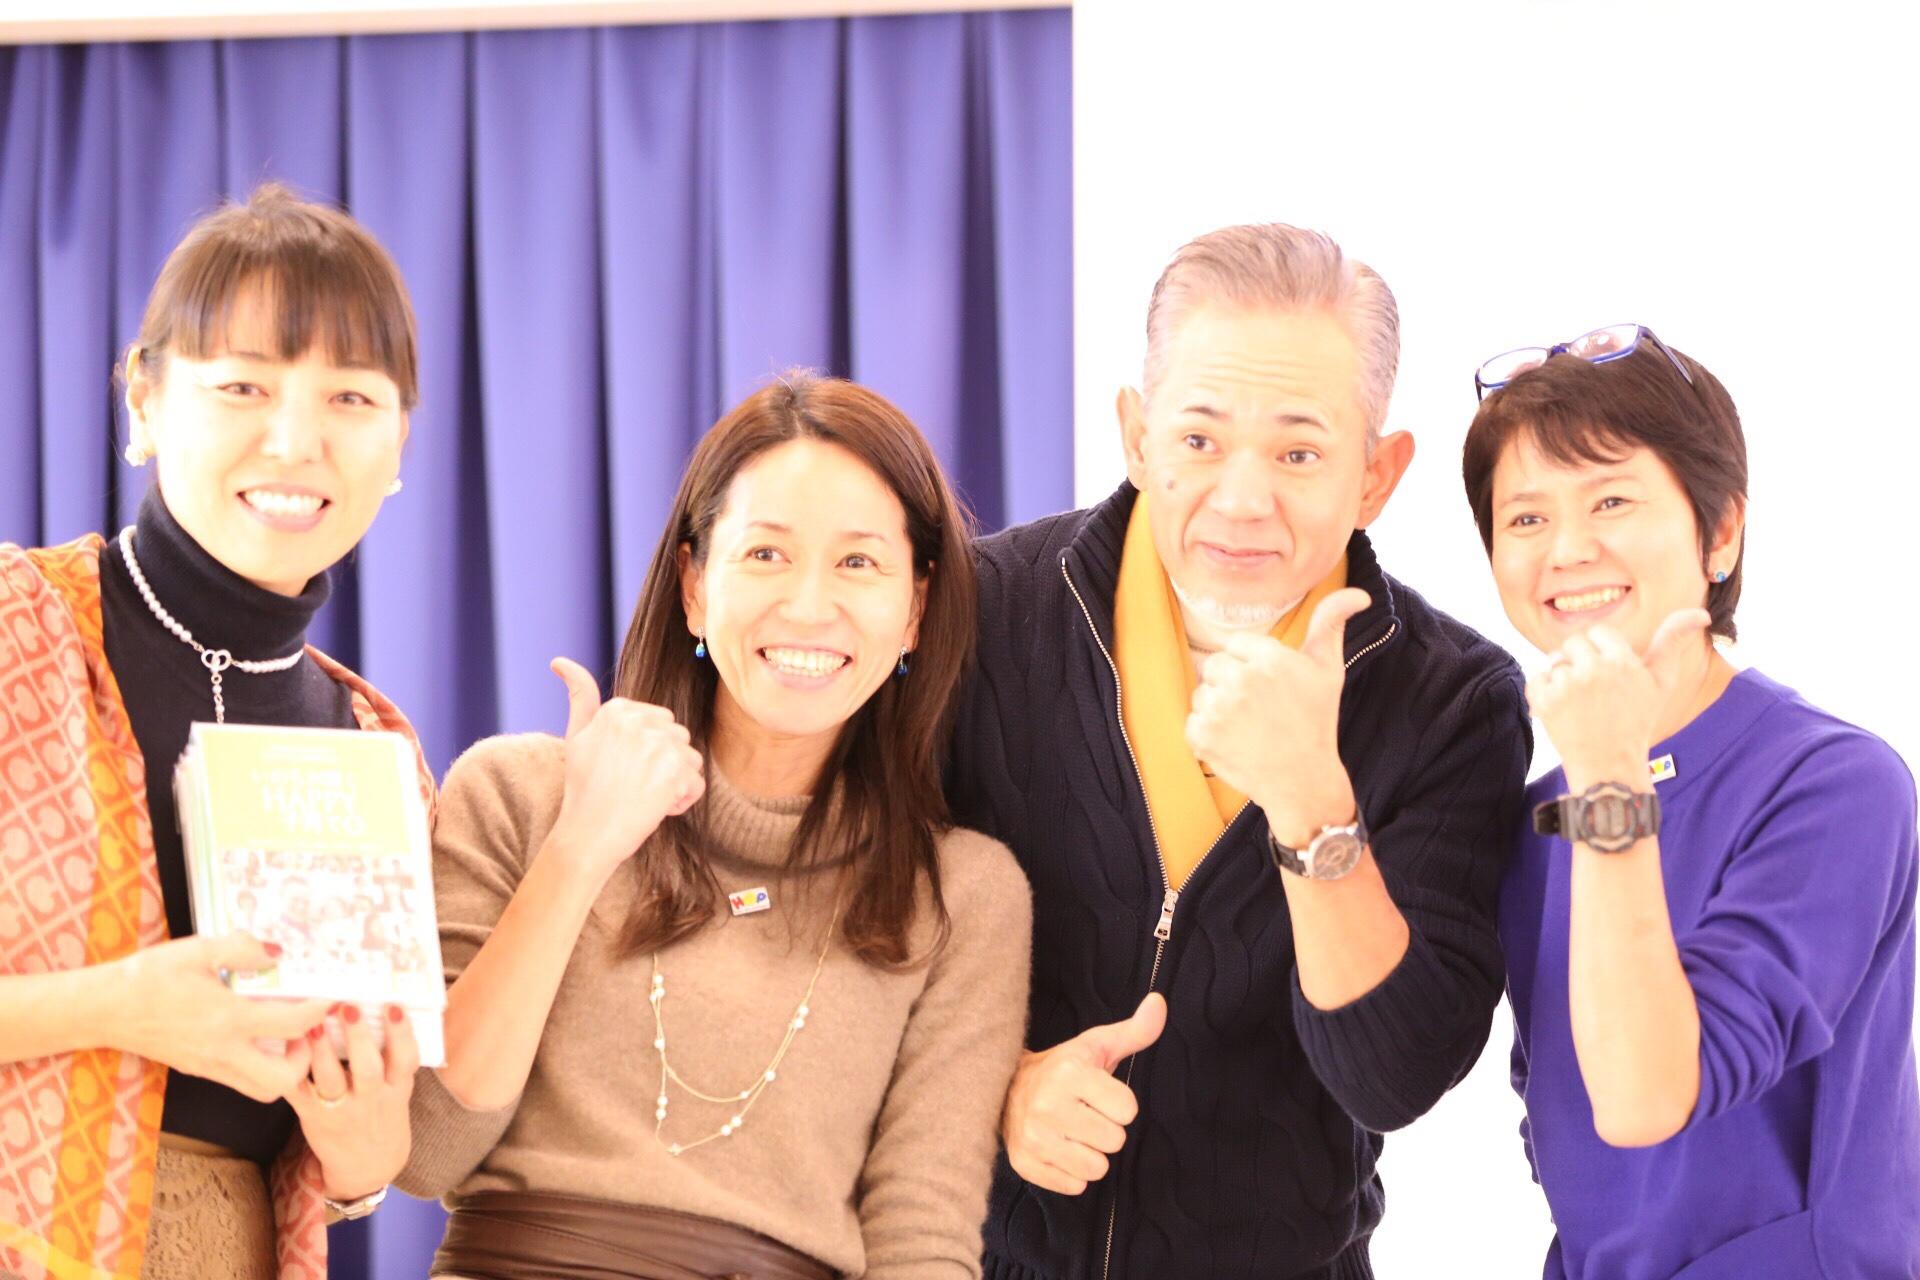 親力プログラム in 青山 (アドバイザークラス)テーマは 「まとめ & 講演会 感想」